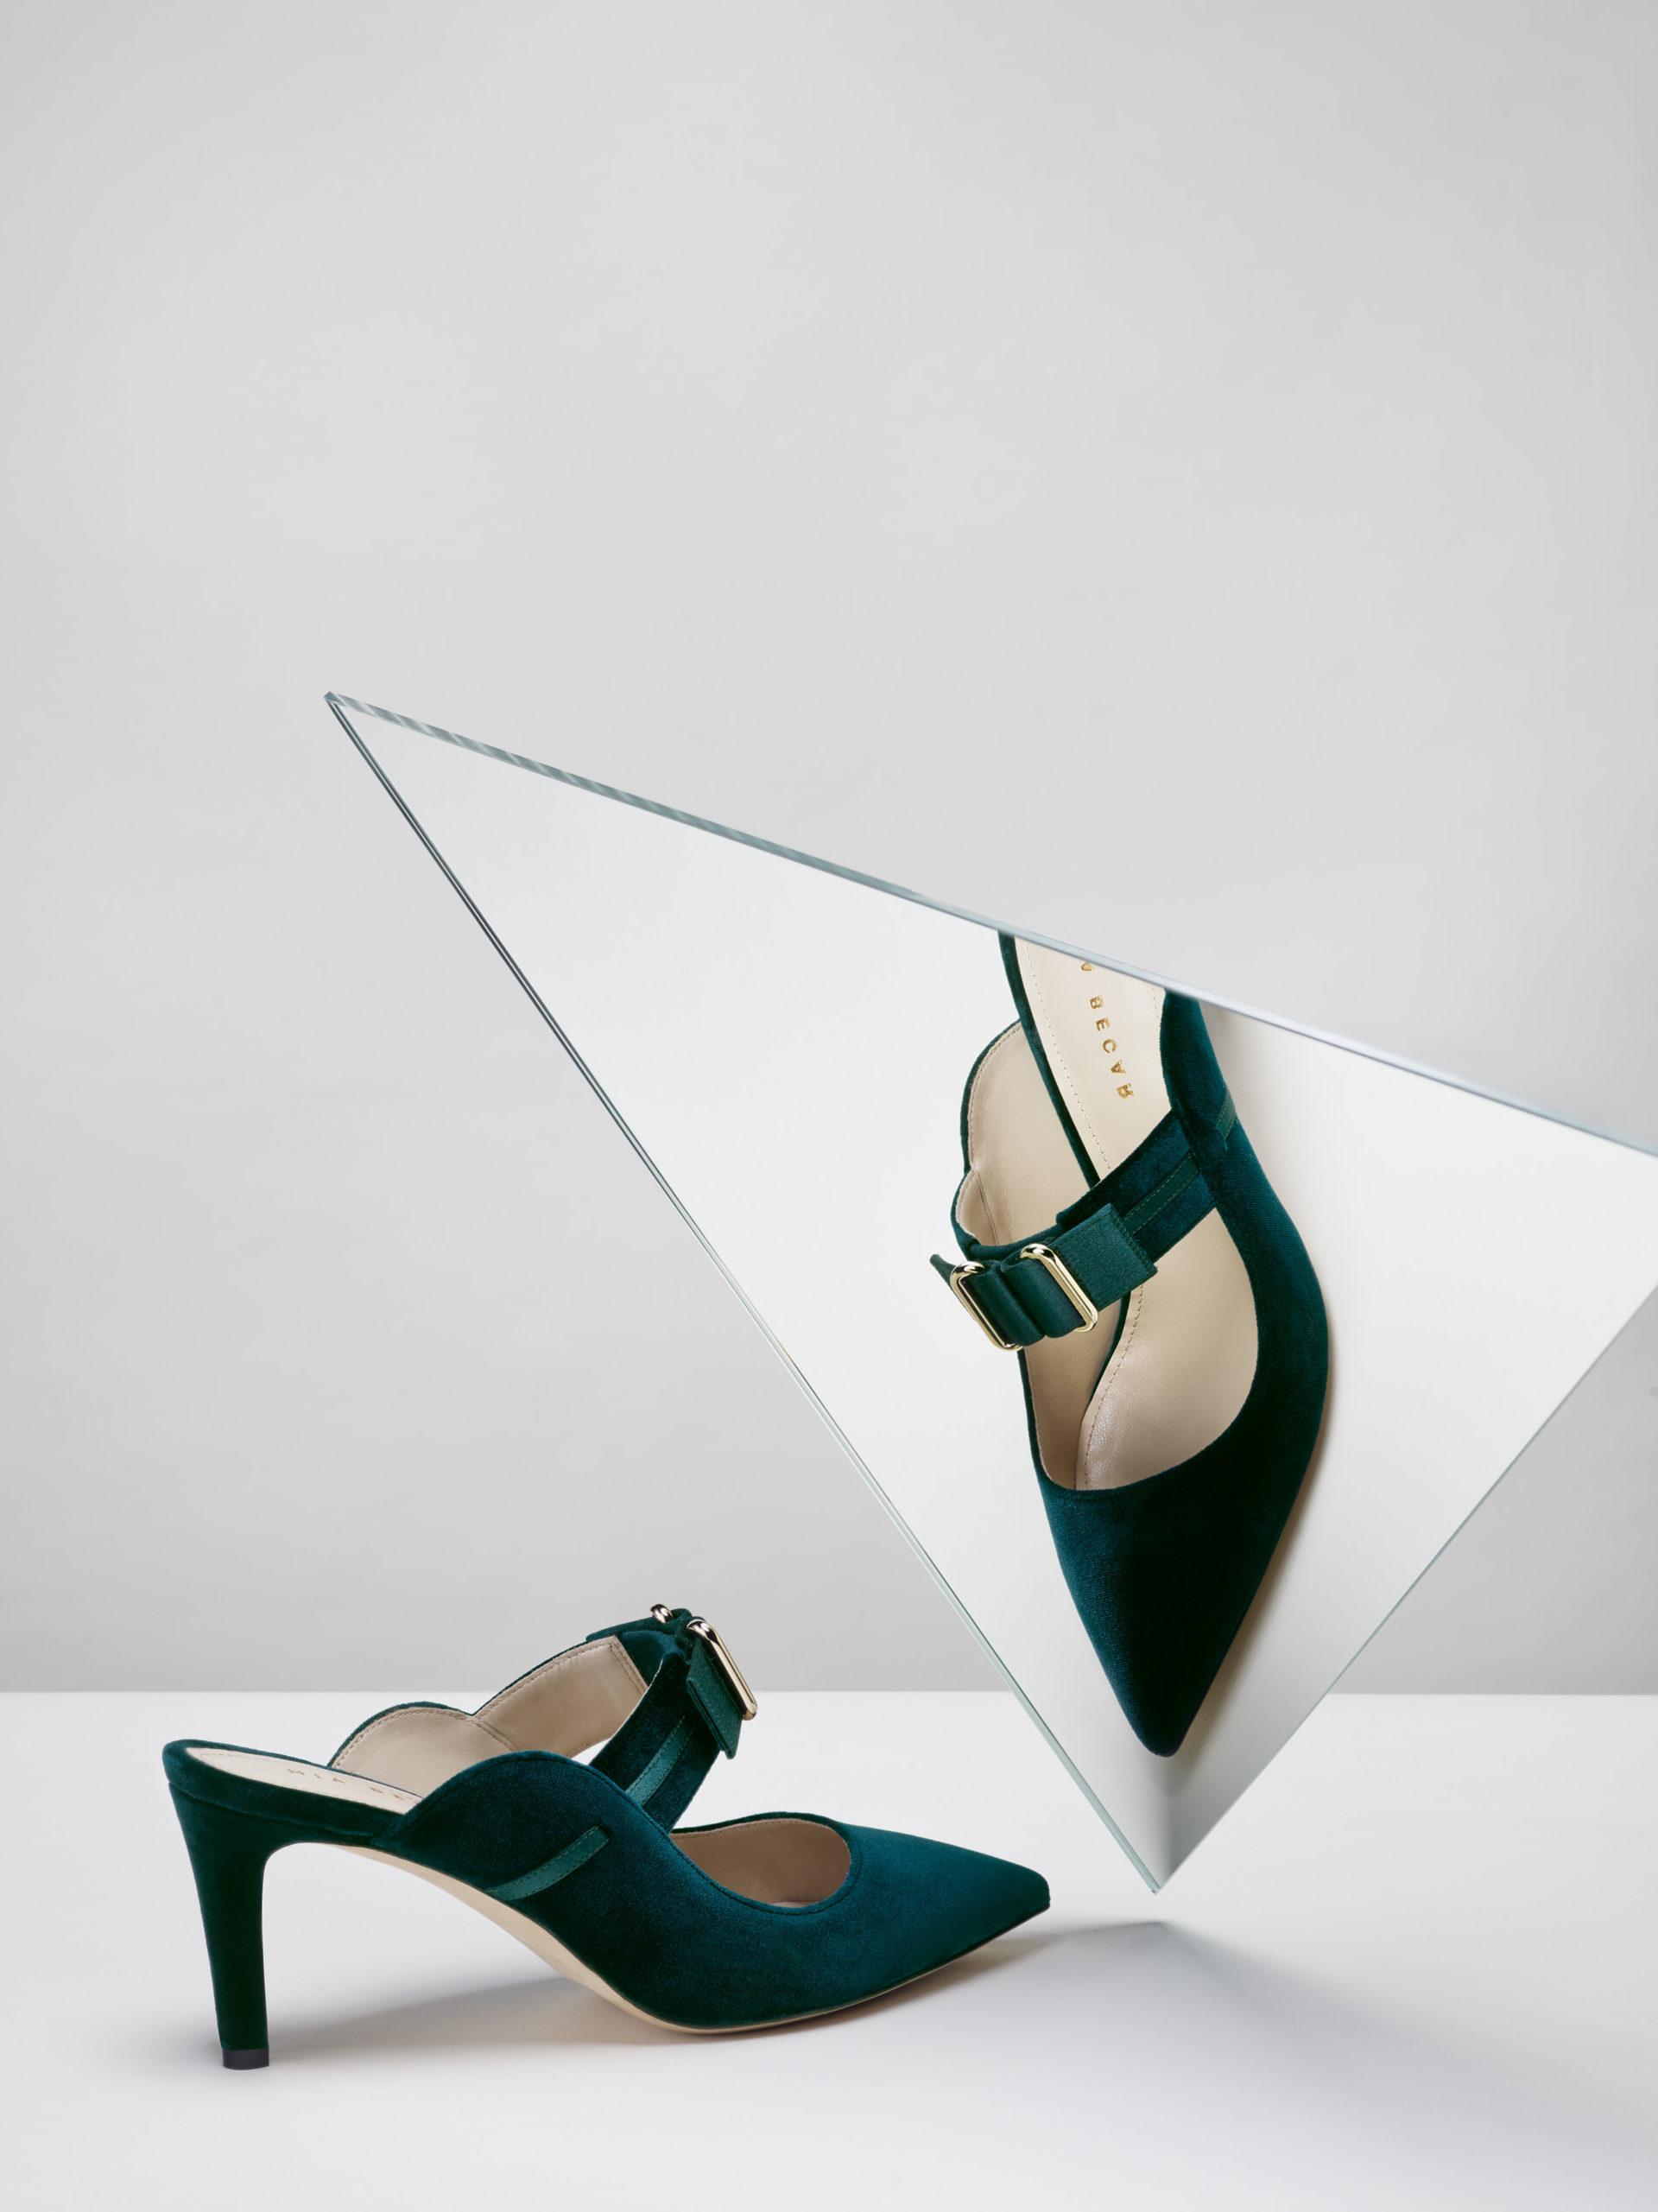 Mia_Becar-Avalanche-2